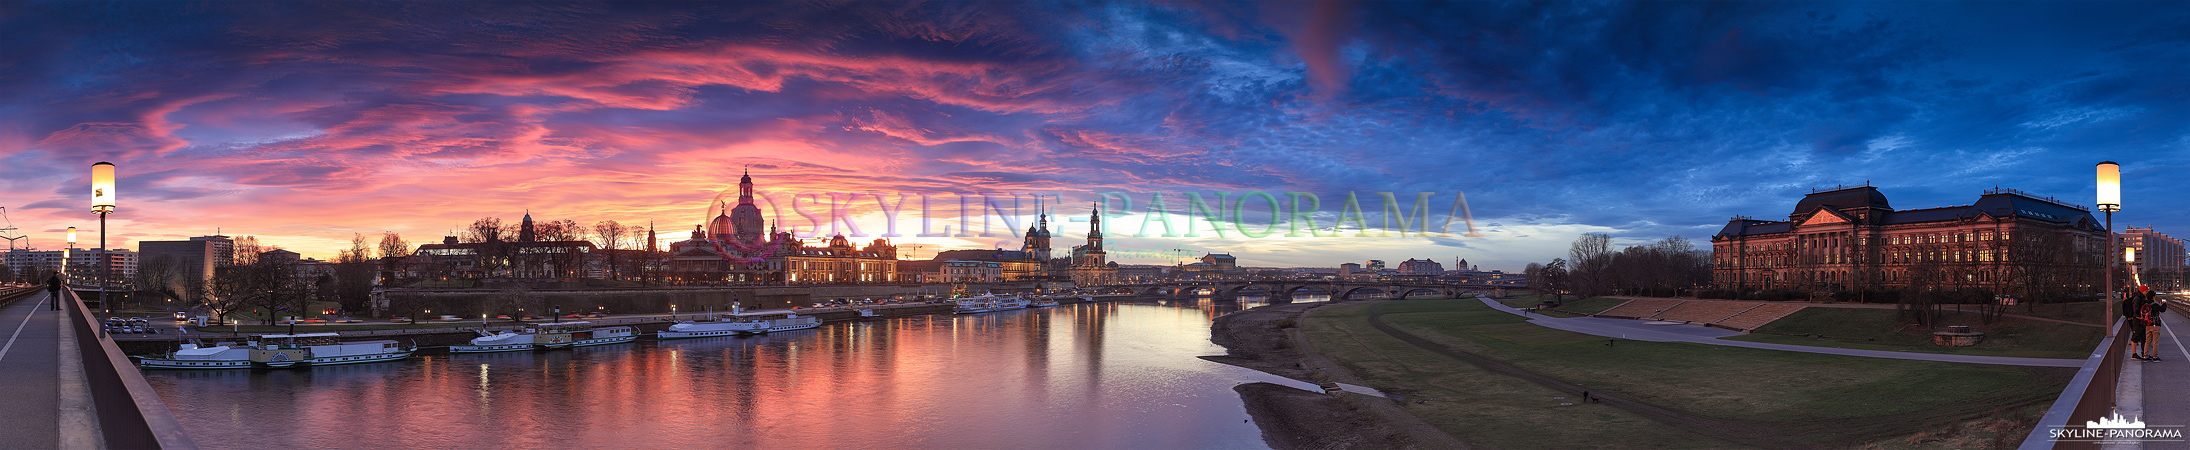 Bilder aus Dresden - Eine Stadtansicht auf die Kulisse der Dresdner Altstadt im leuchten des Sonnenuntergangs. Das Panorama zeigt den Ausblick von der Carolabrücke in Richtung Brühlsche Terrassen, Frauenkirche und Semperoper.